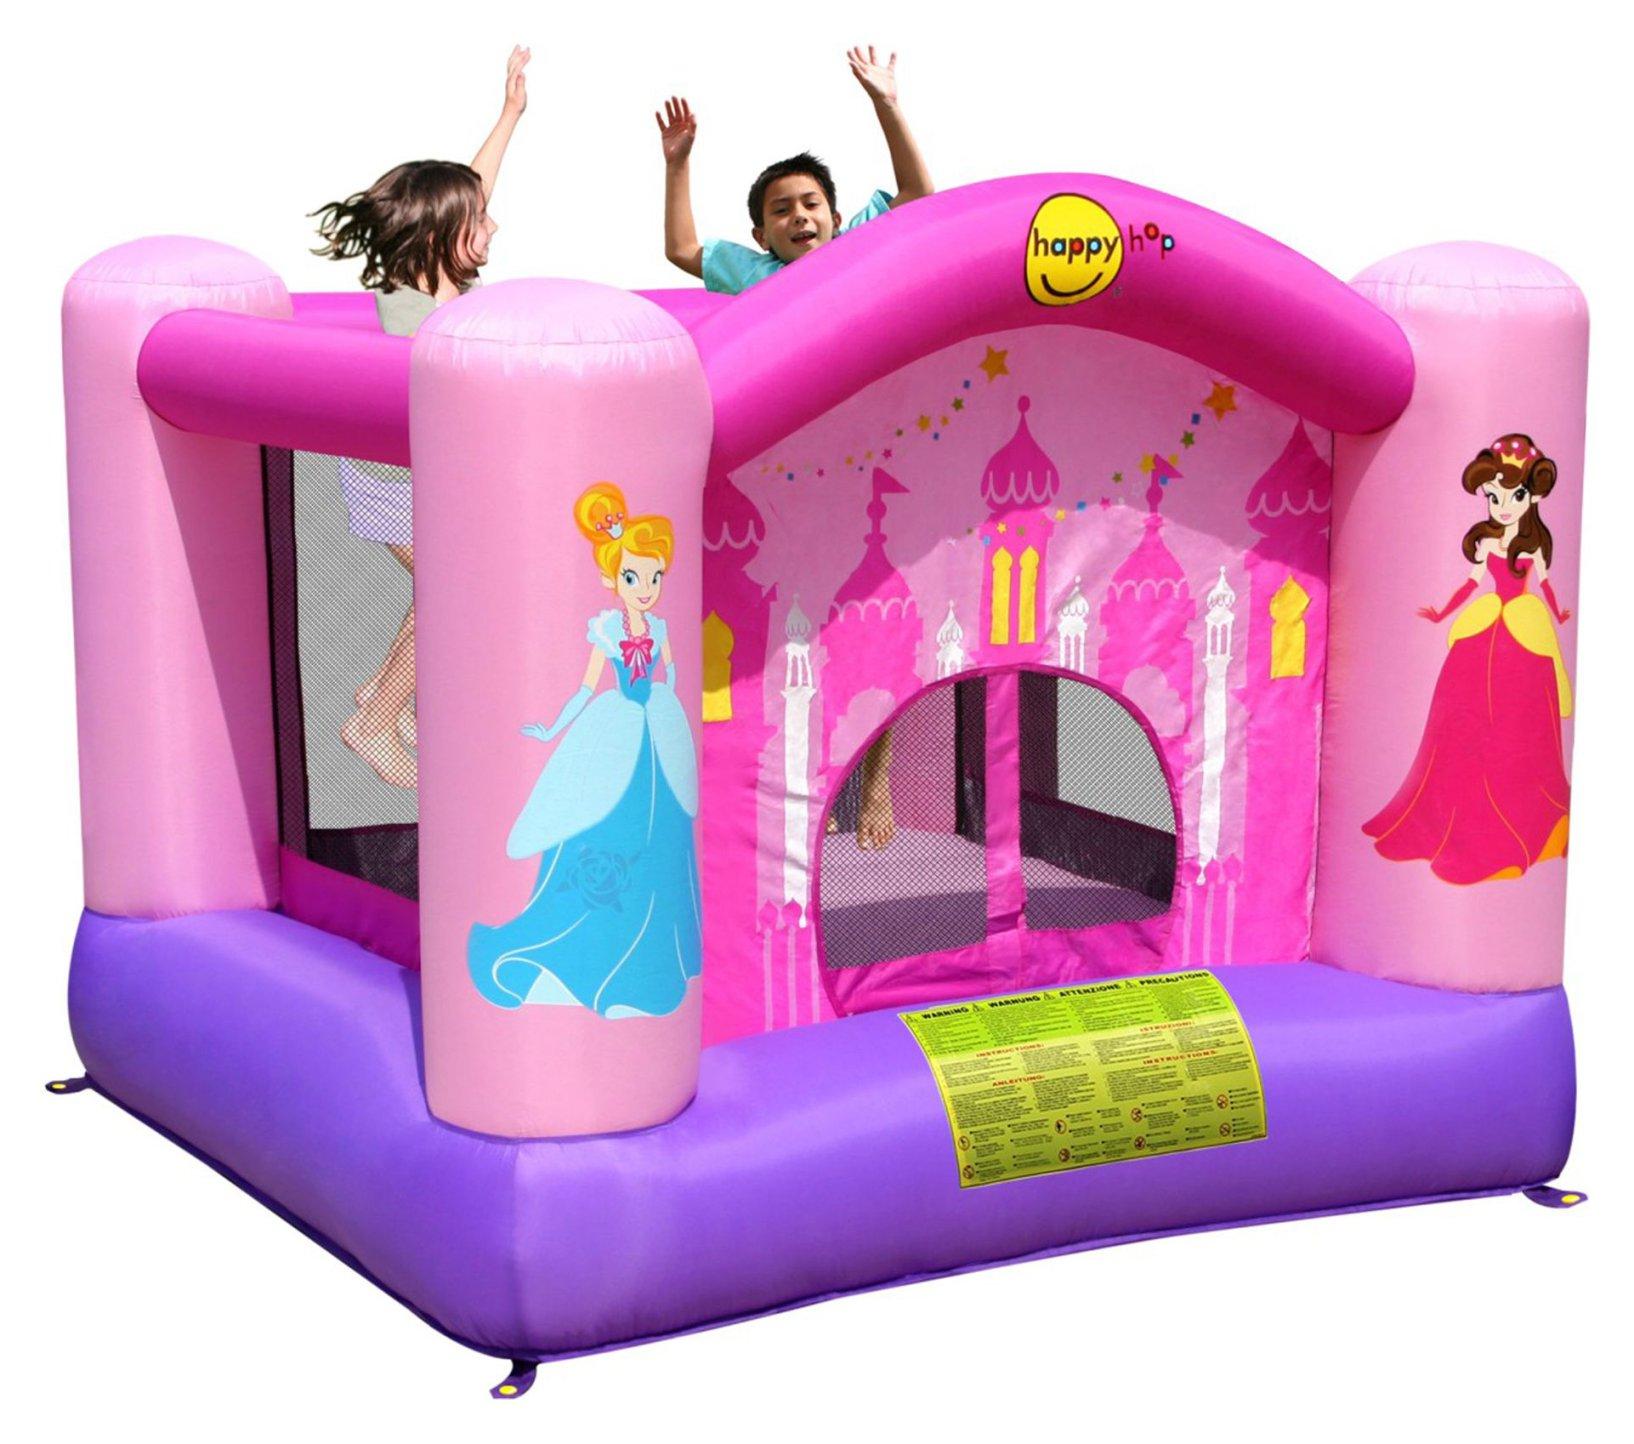 все цены на Happy Hop Надувной батут Веселая Принцесса 9001Р